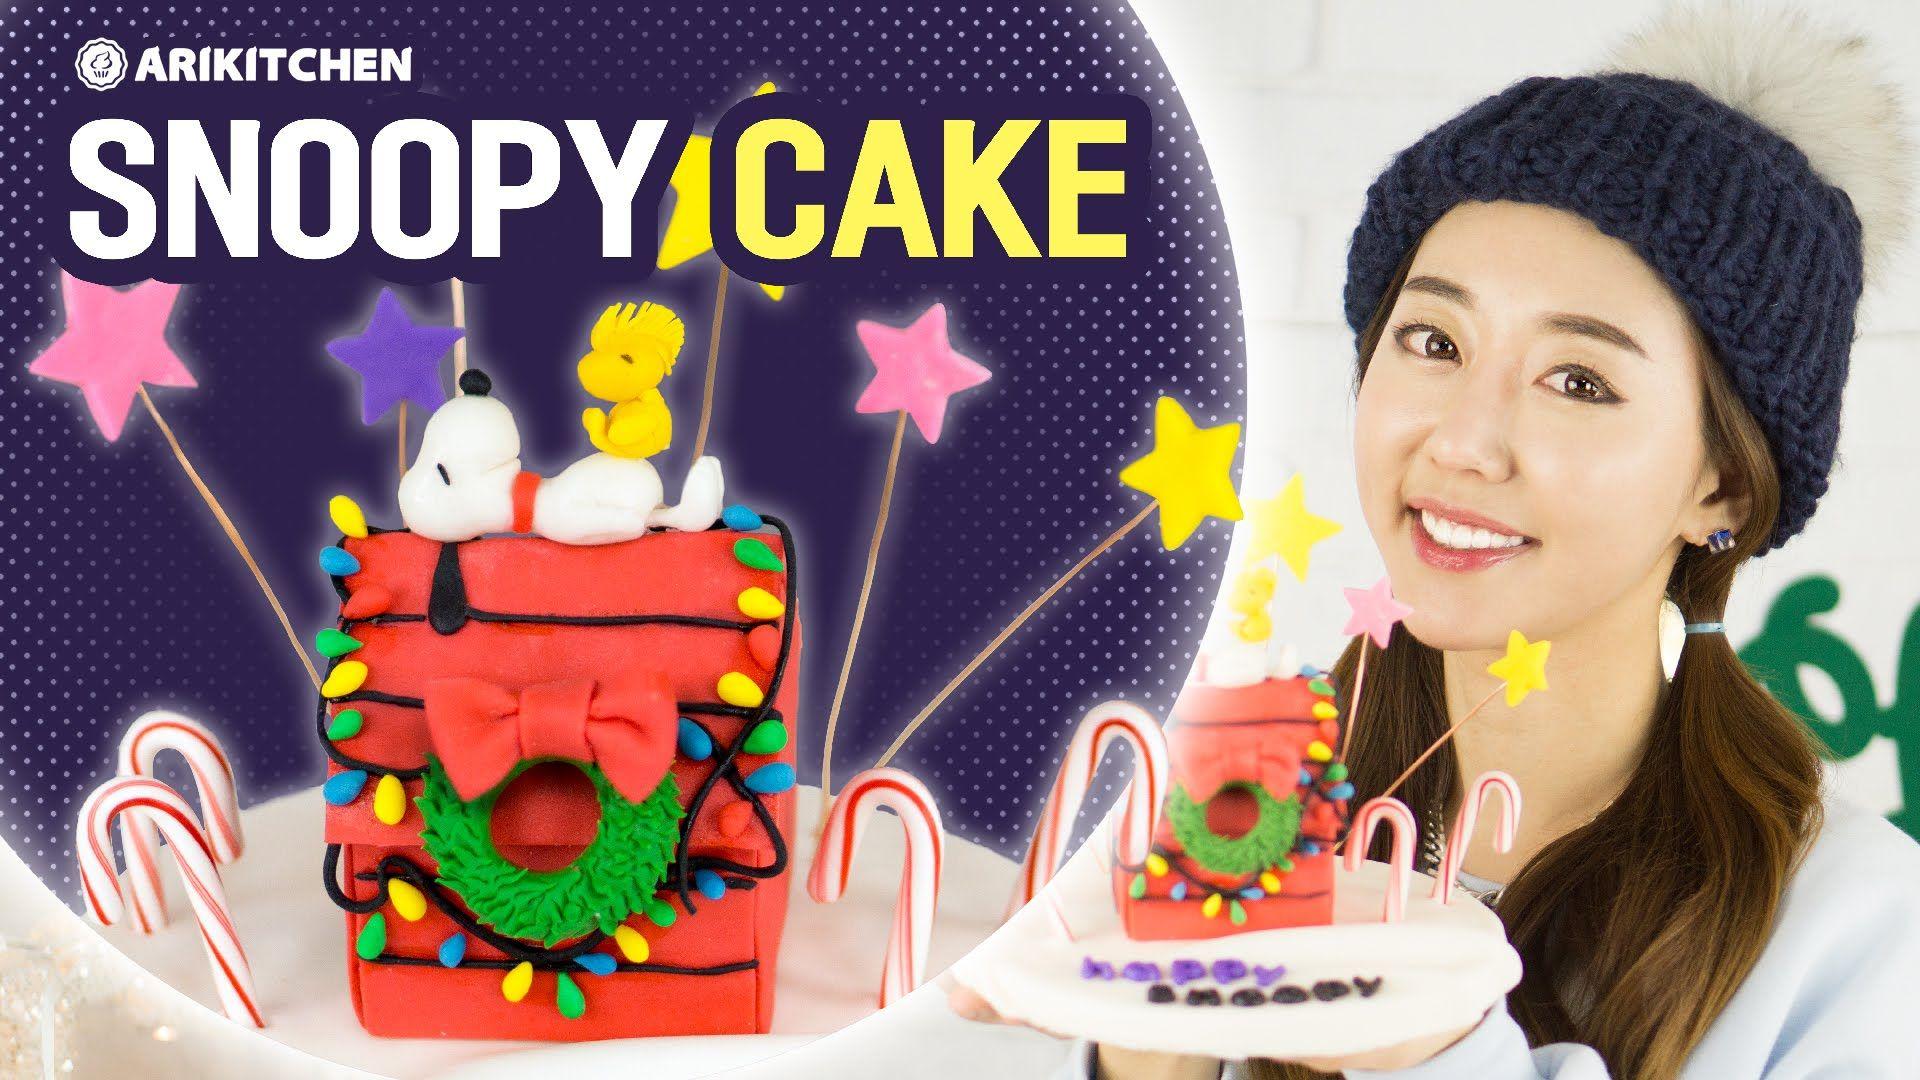 스누피 케이크 만들기! How to Make Snoopy Cake! - Ari Kitchen